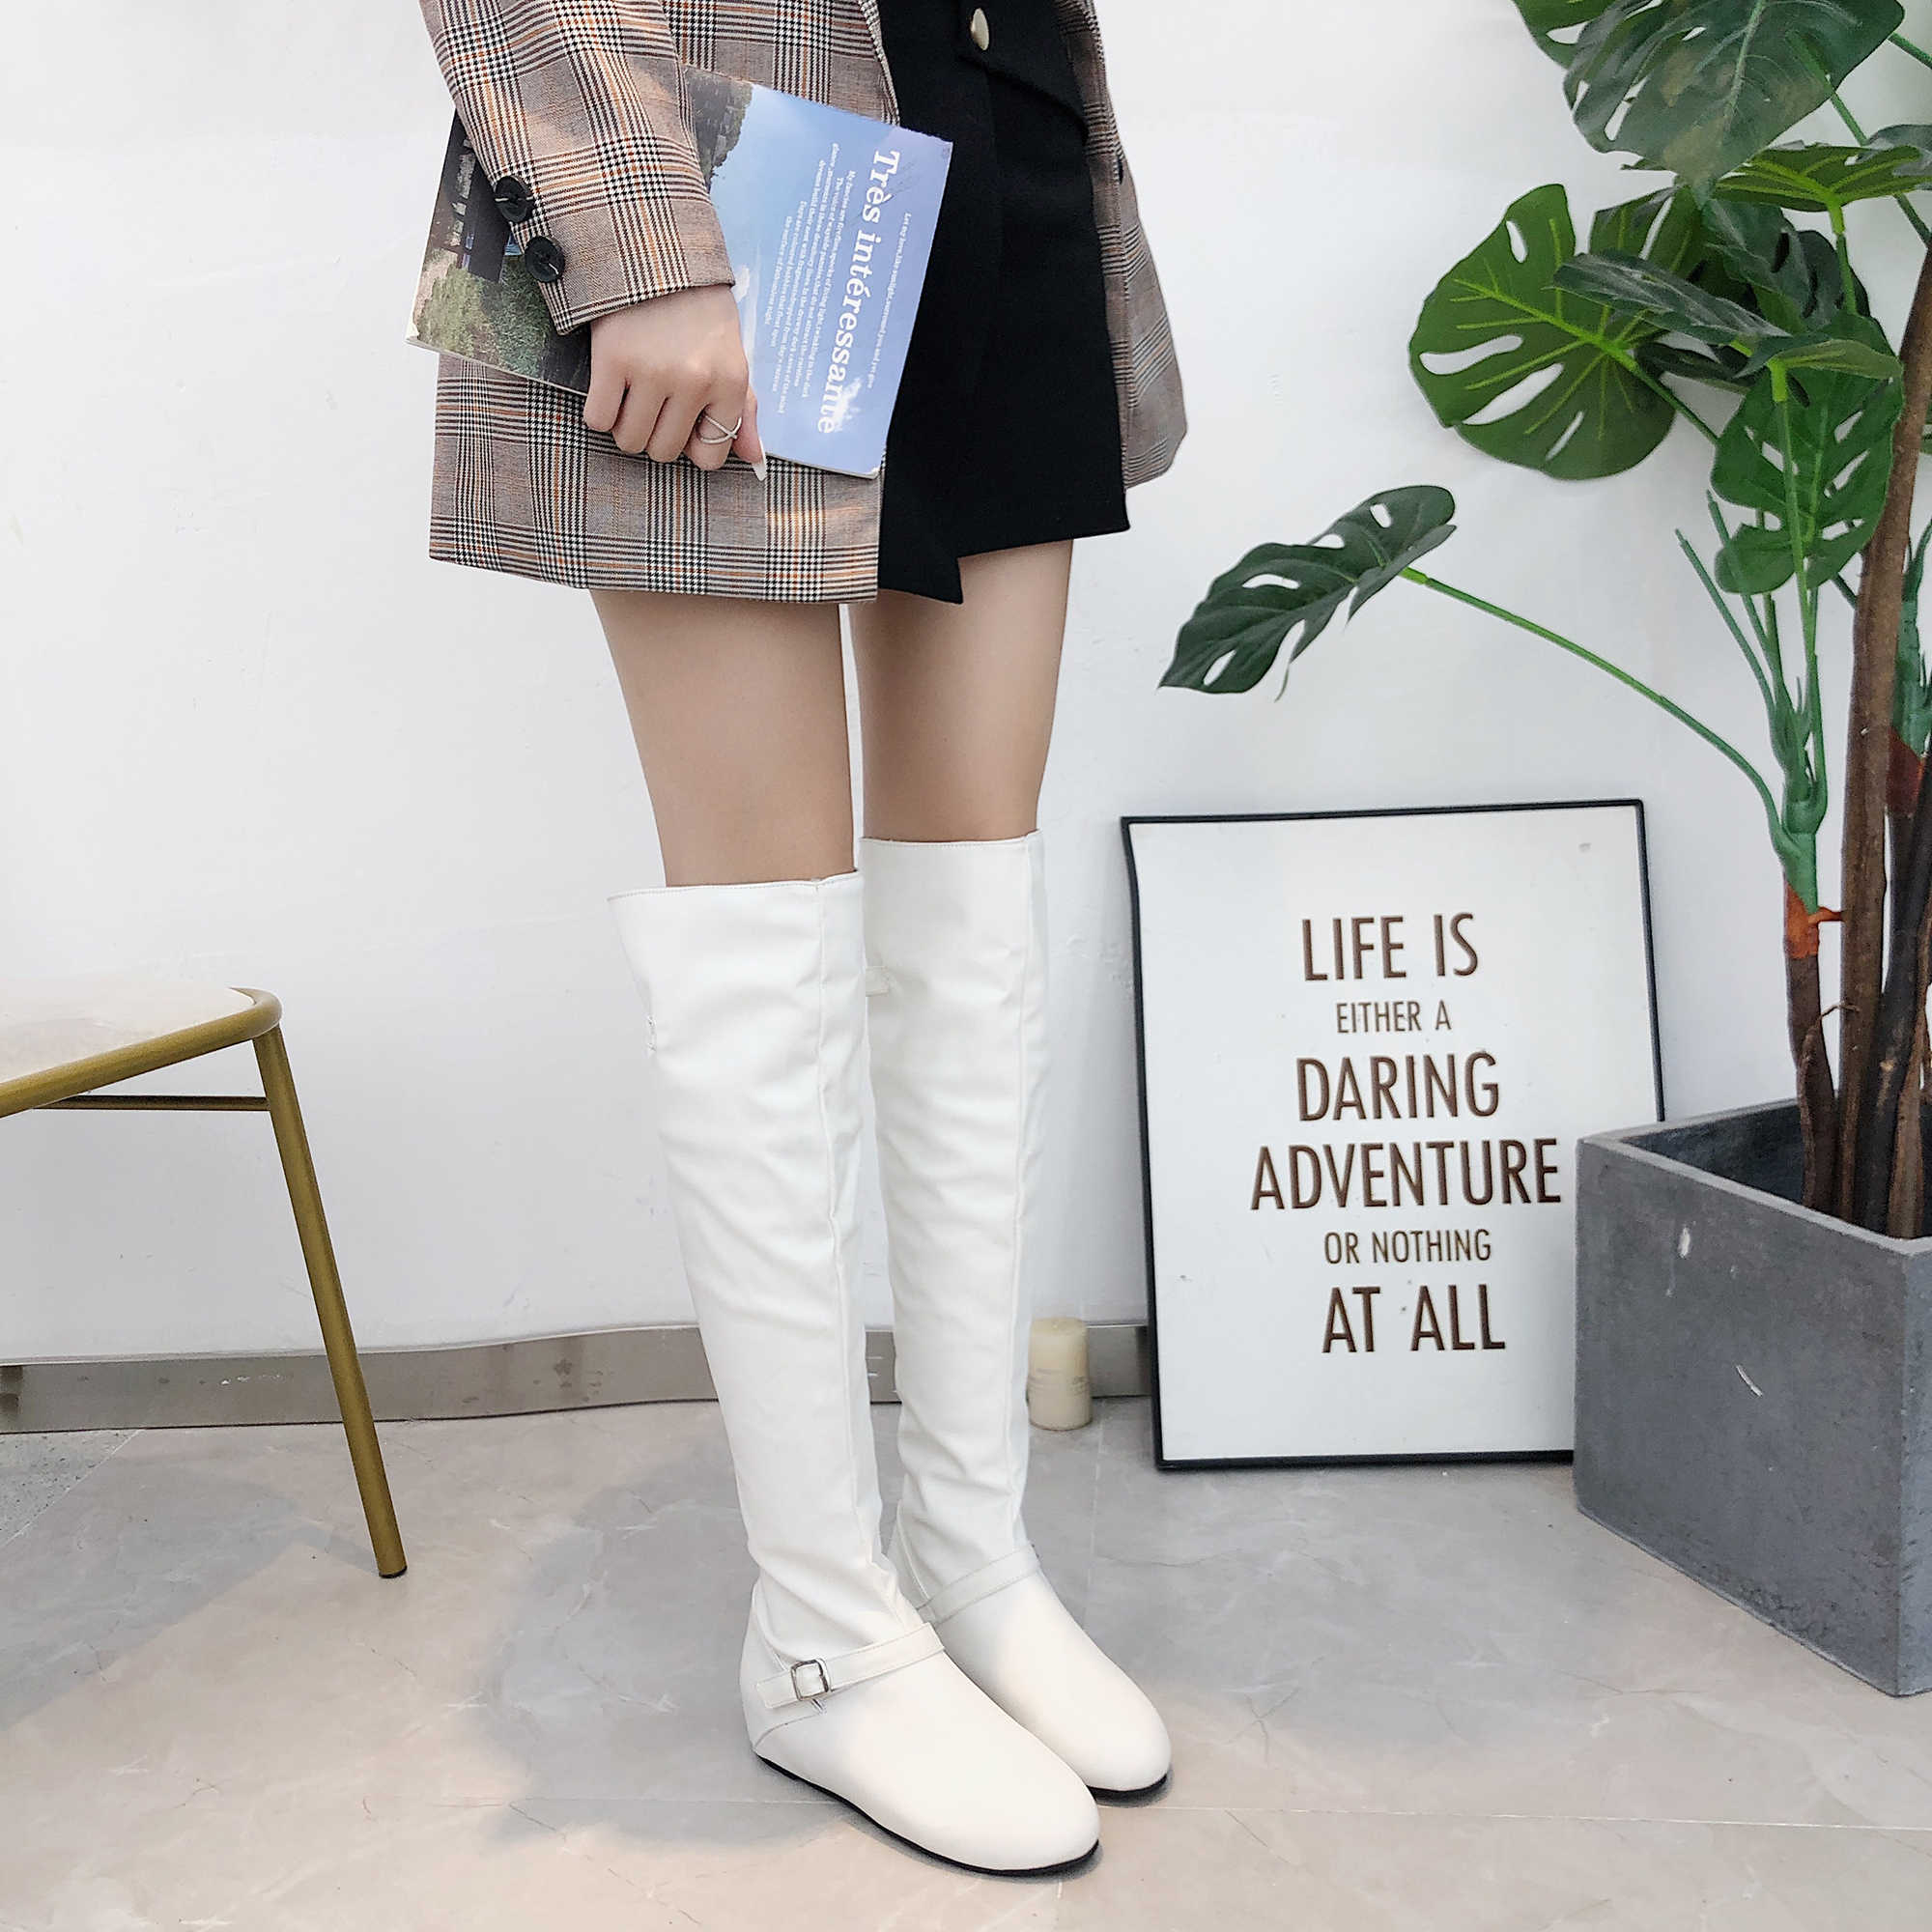 ผู้หญิงรองเท้าเข่ารองเท้าส้นสูง Lace Up ผู้หญิง Buckle รองเท้าผู้หญิงแฟชั่นรองเท้าหนังหญิง Plus ขนาด 42 43 สีดำสีขาว